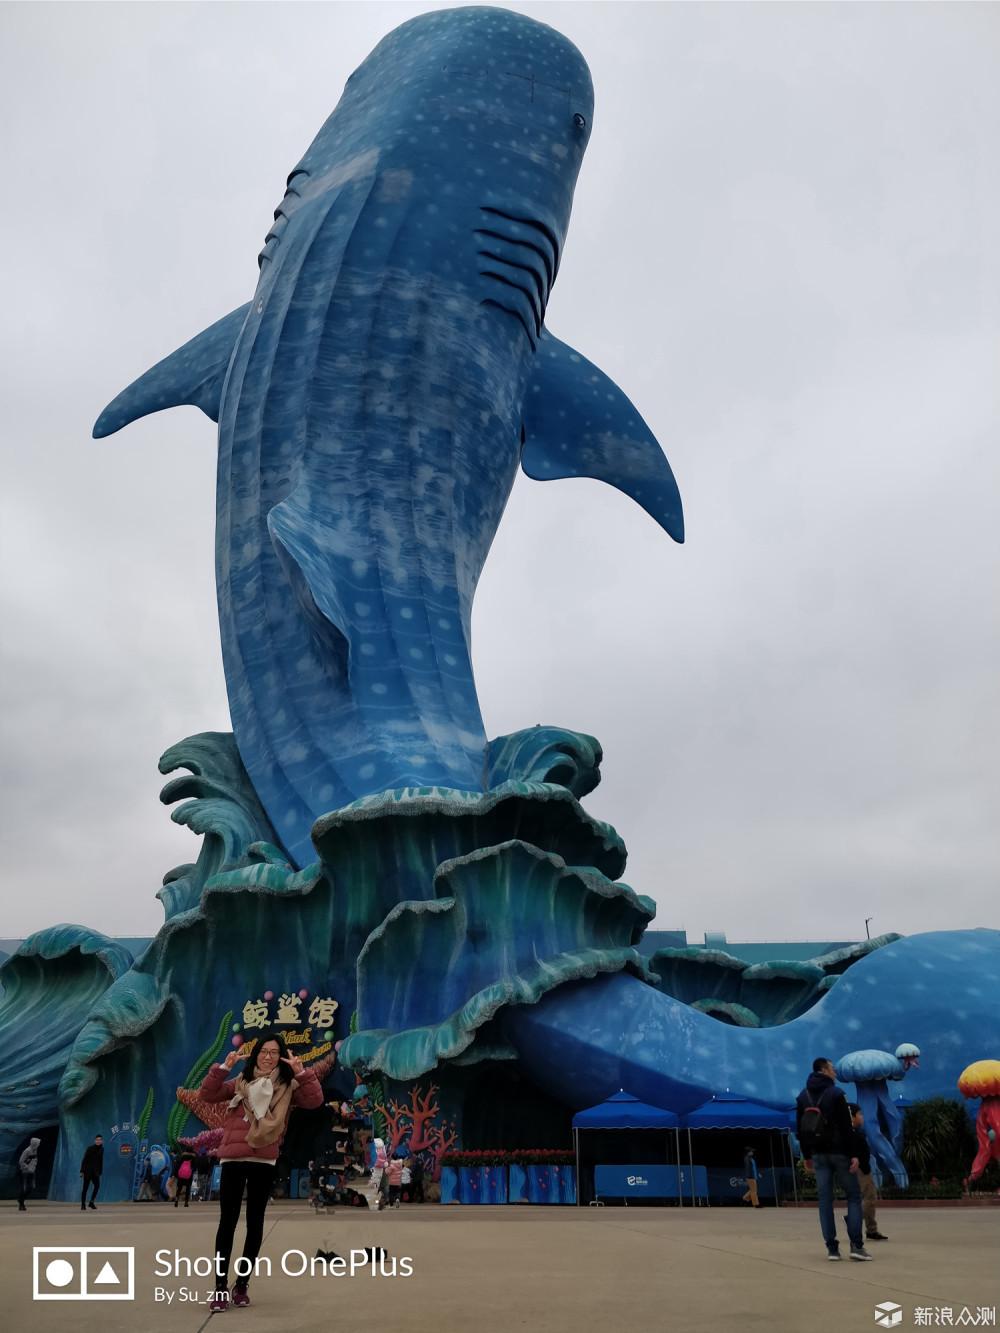 【游记】带上一加5,畅玩珠海长隆海洋王国_新浪众测